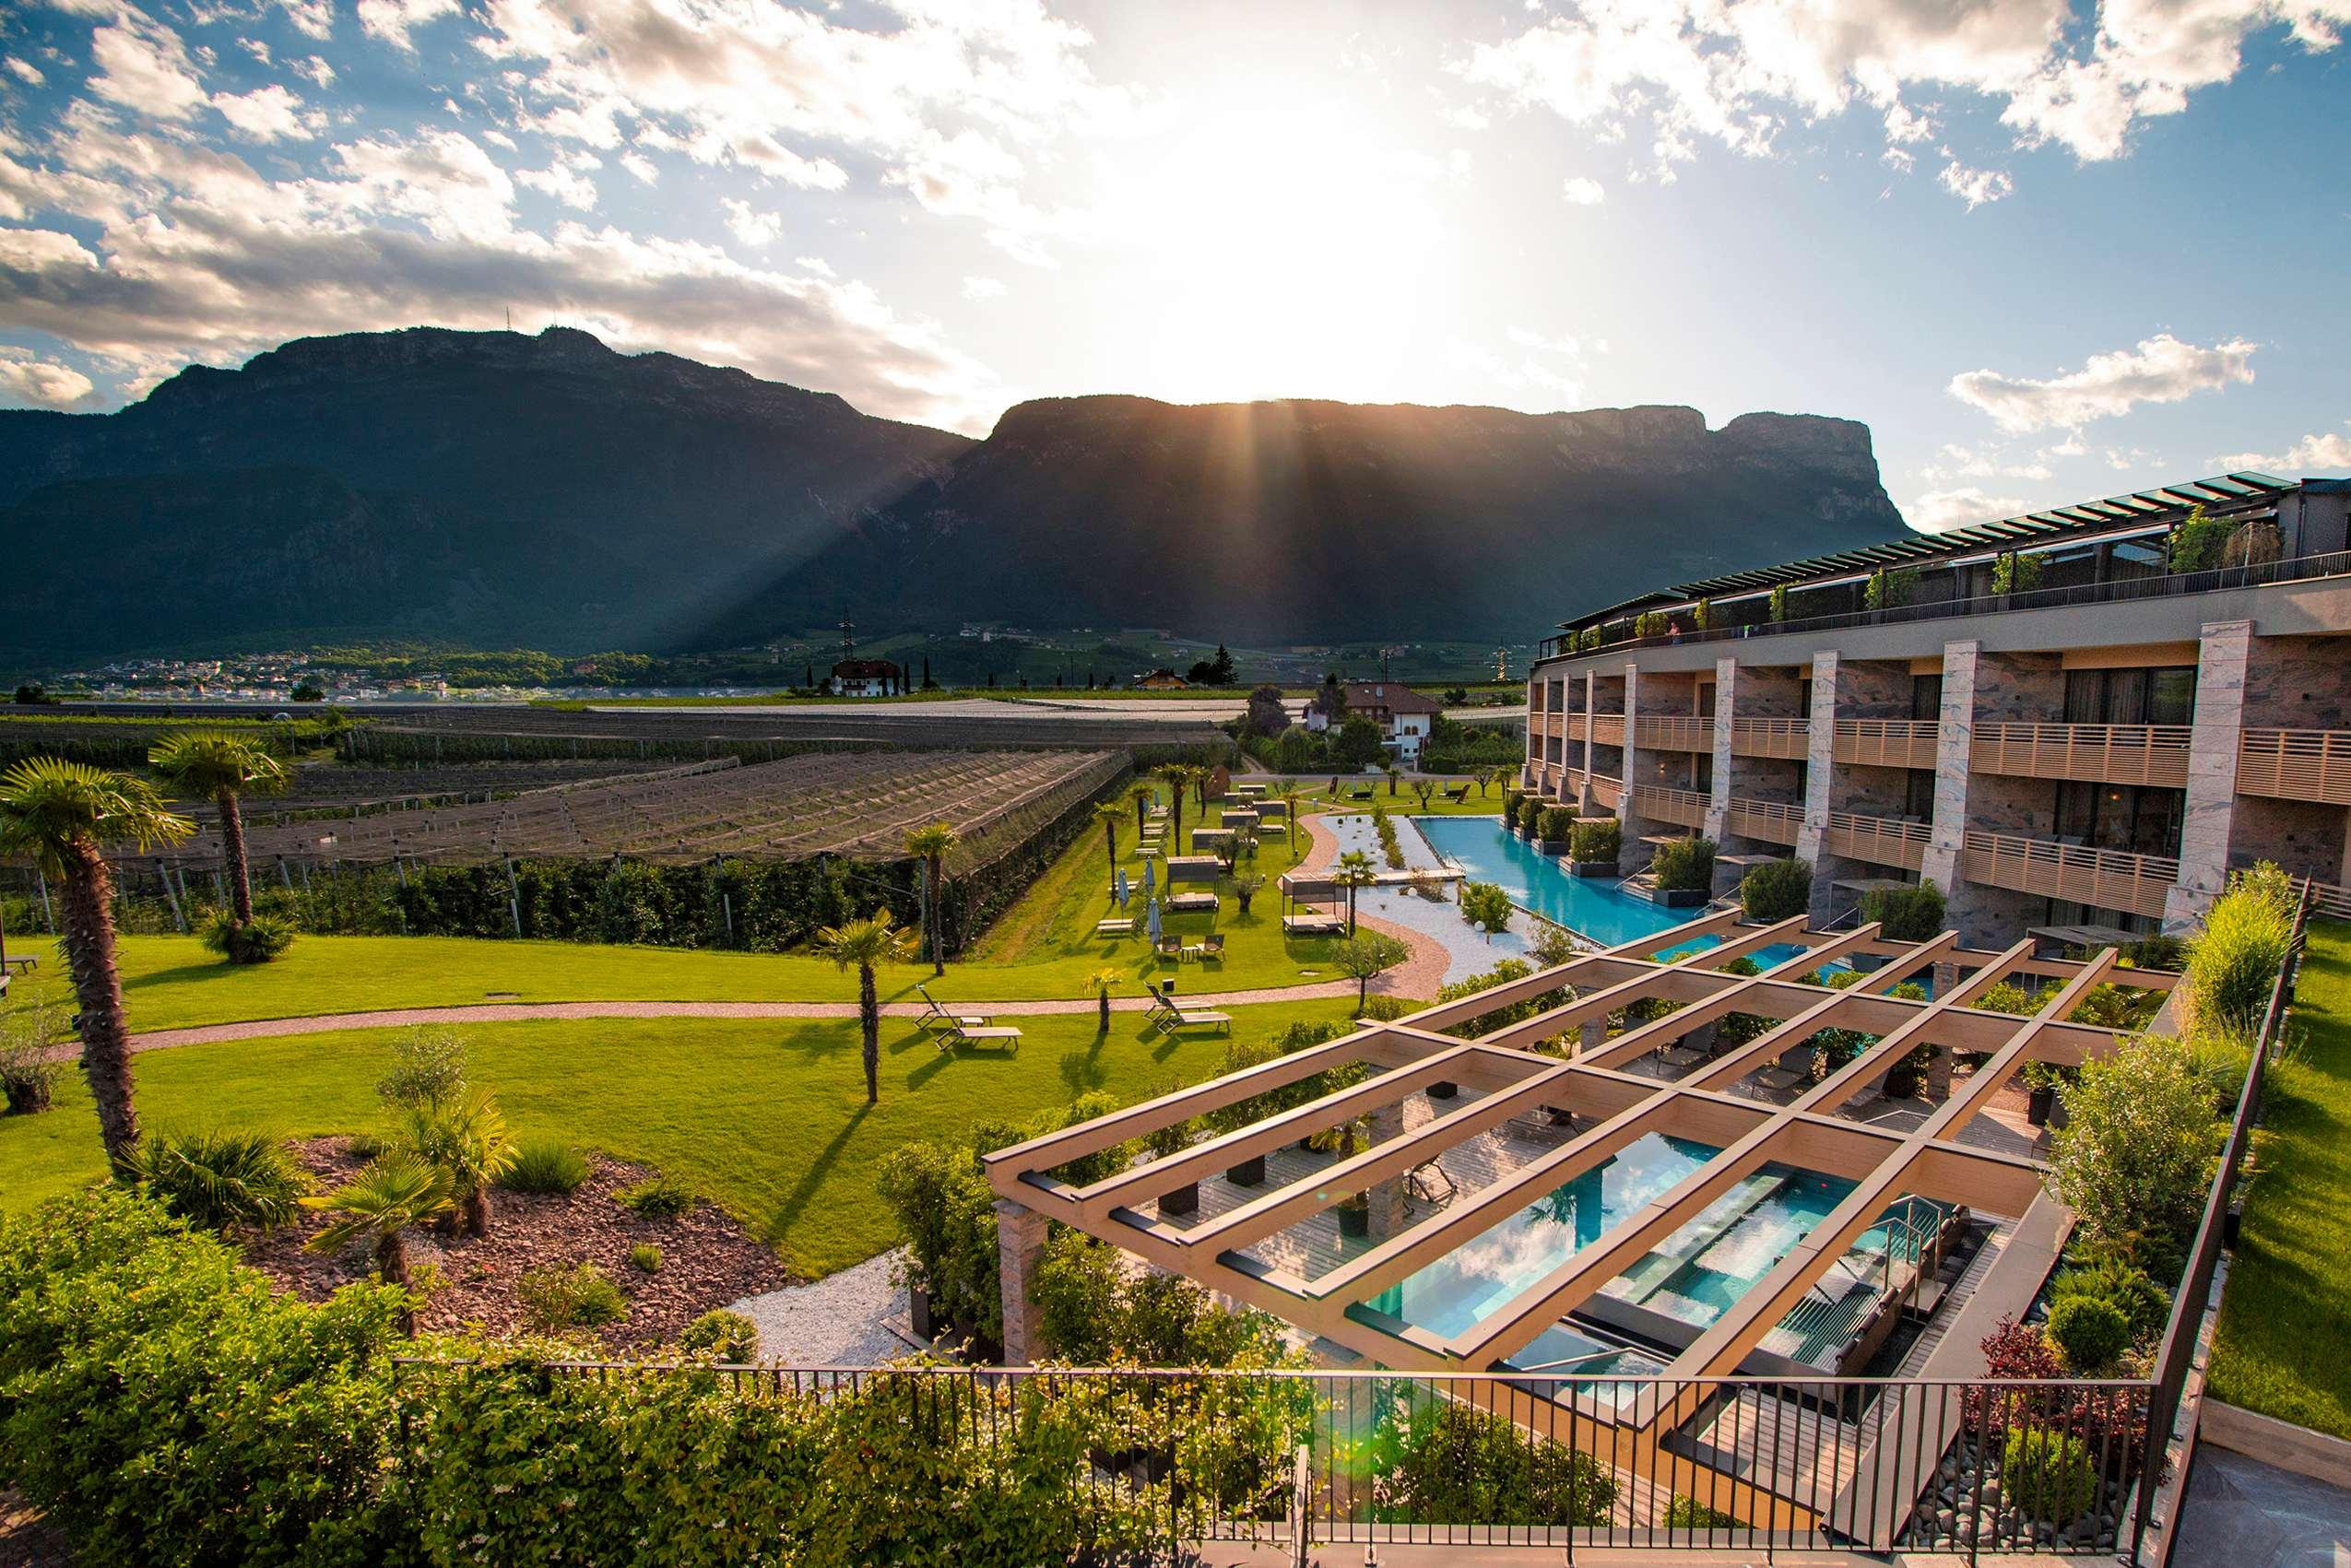 Blick auf den Suitenpool im Hotel Weinegg mit Bergpanorama